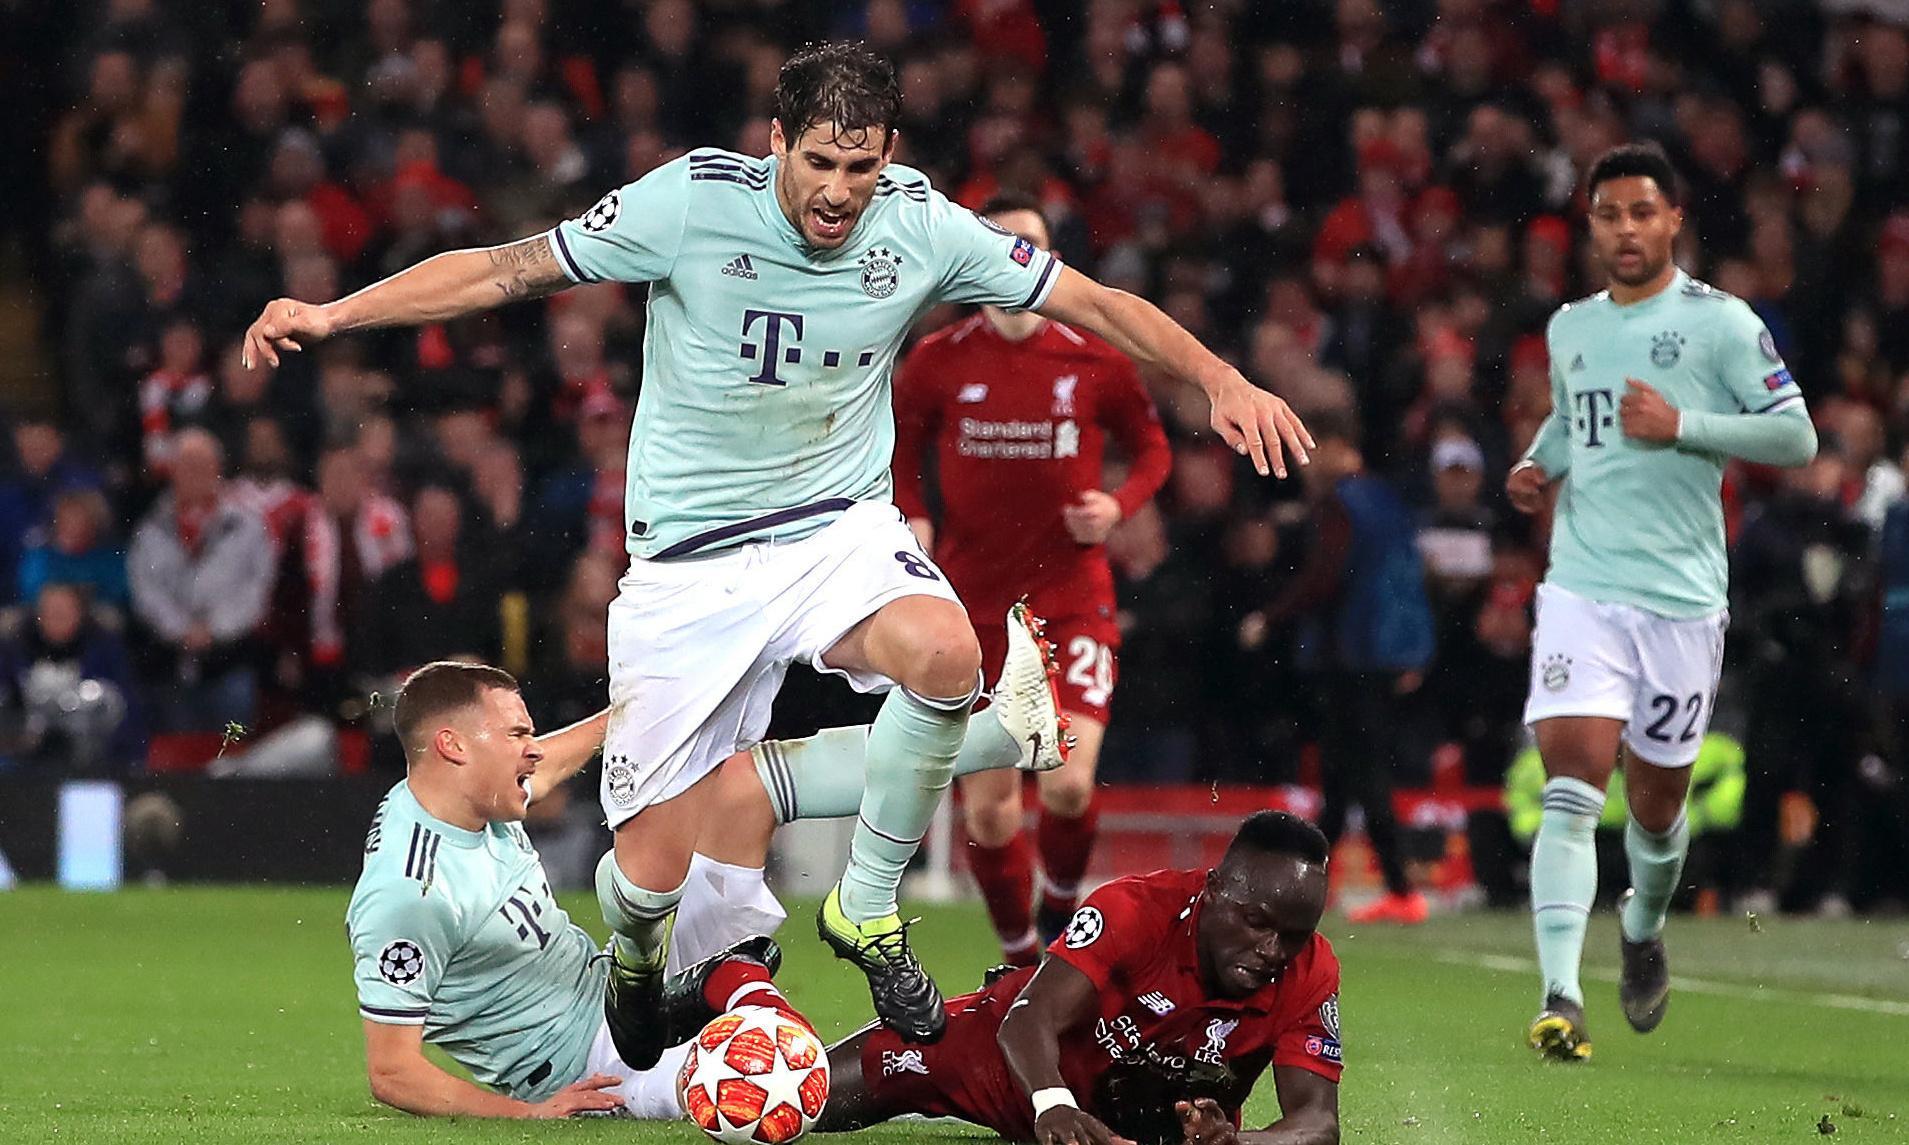 Liverpool 0-0 Bayern Munich: Champions League player ratings